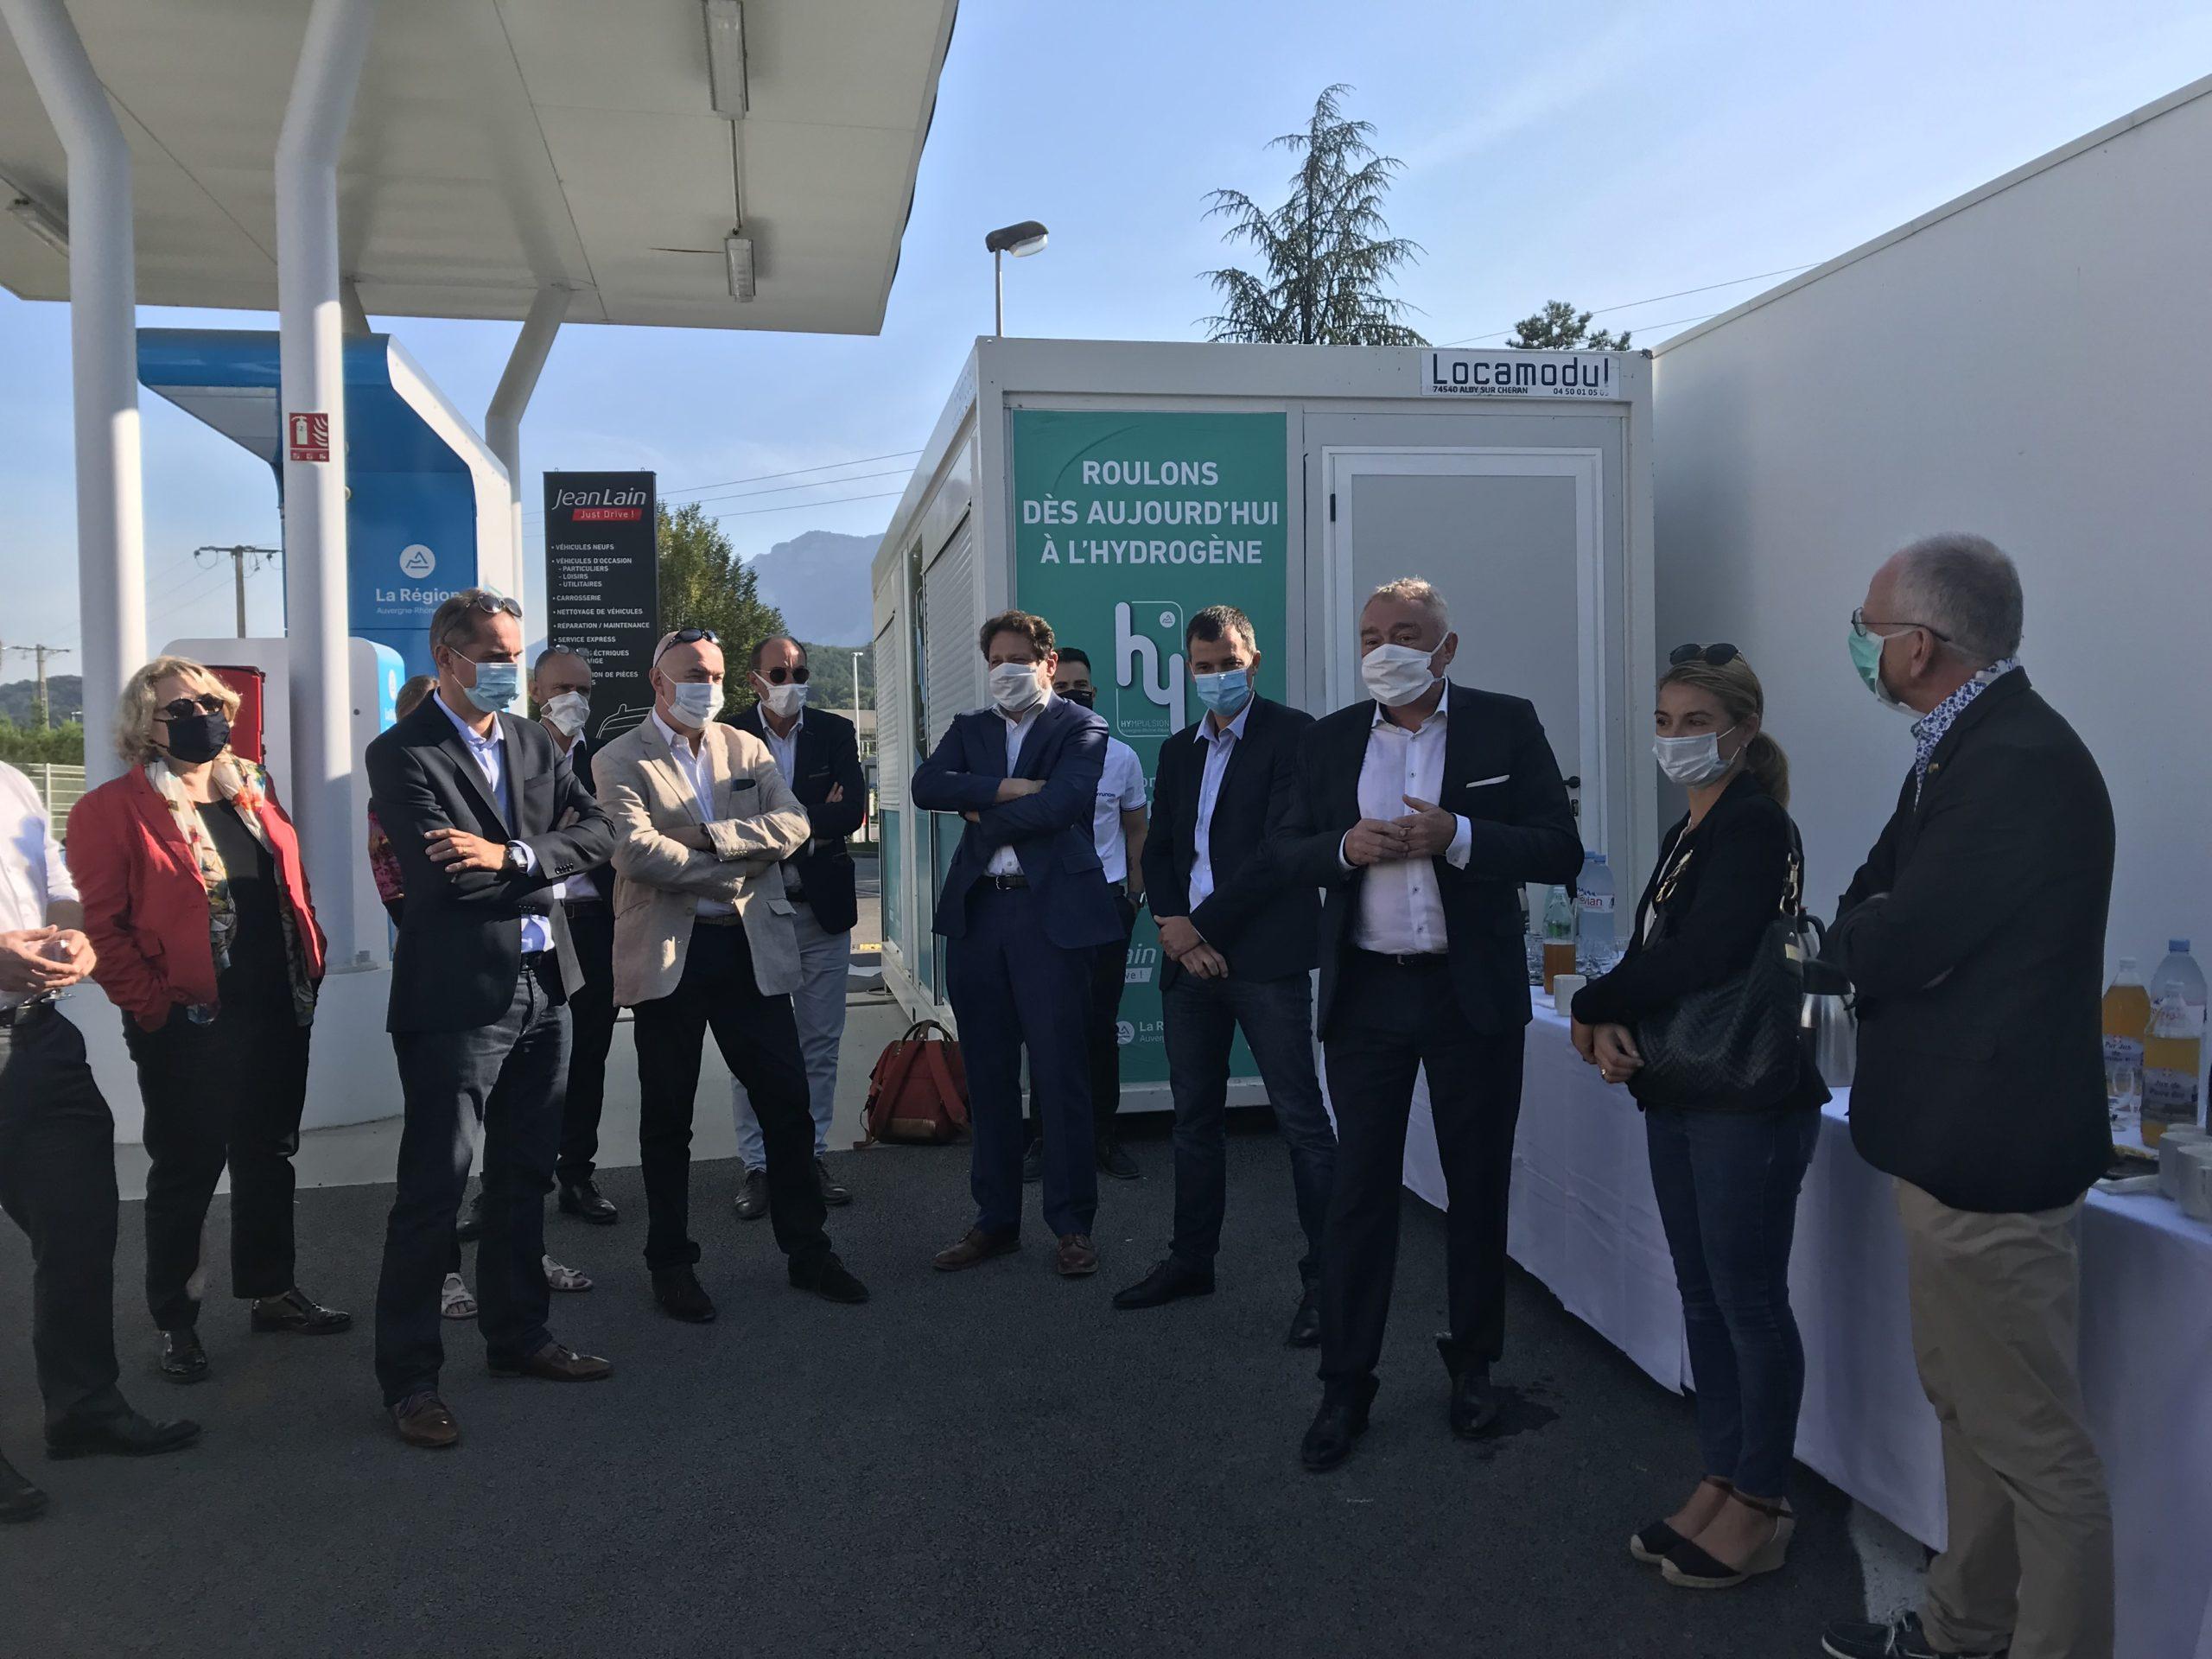 Visite de la station Hydrogène de Chambéry par des adhérents du MEDEF Lyon-Rhône et du MEDEF Auvergne-Rhône-Alpes le 11 septembre 2020